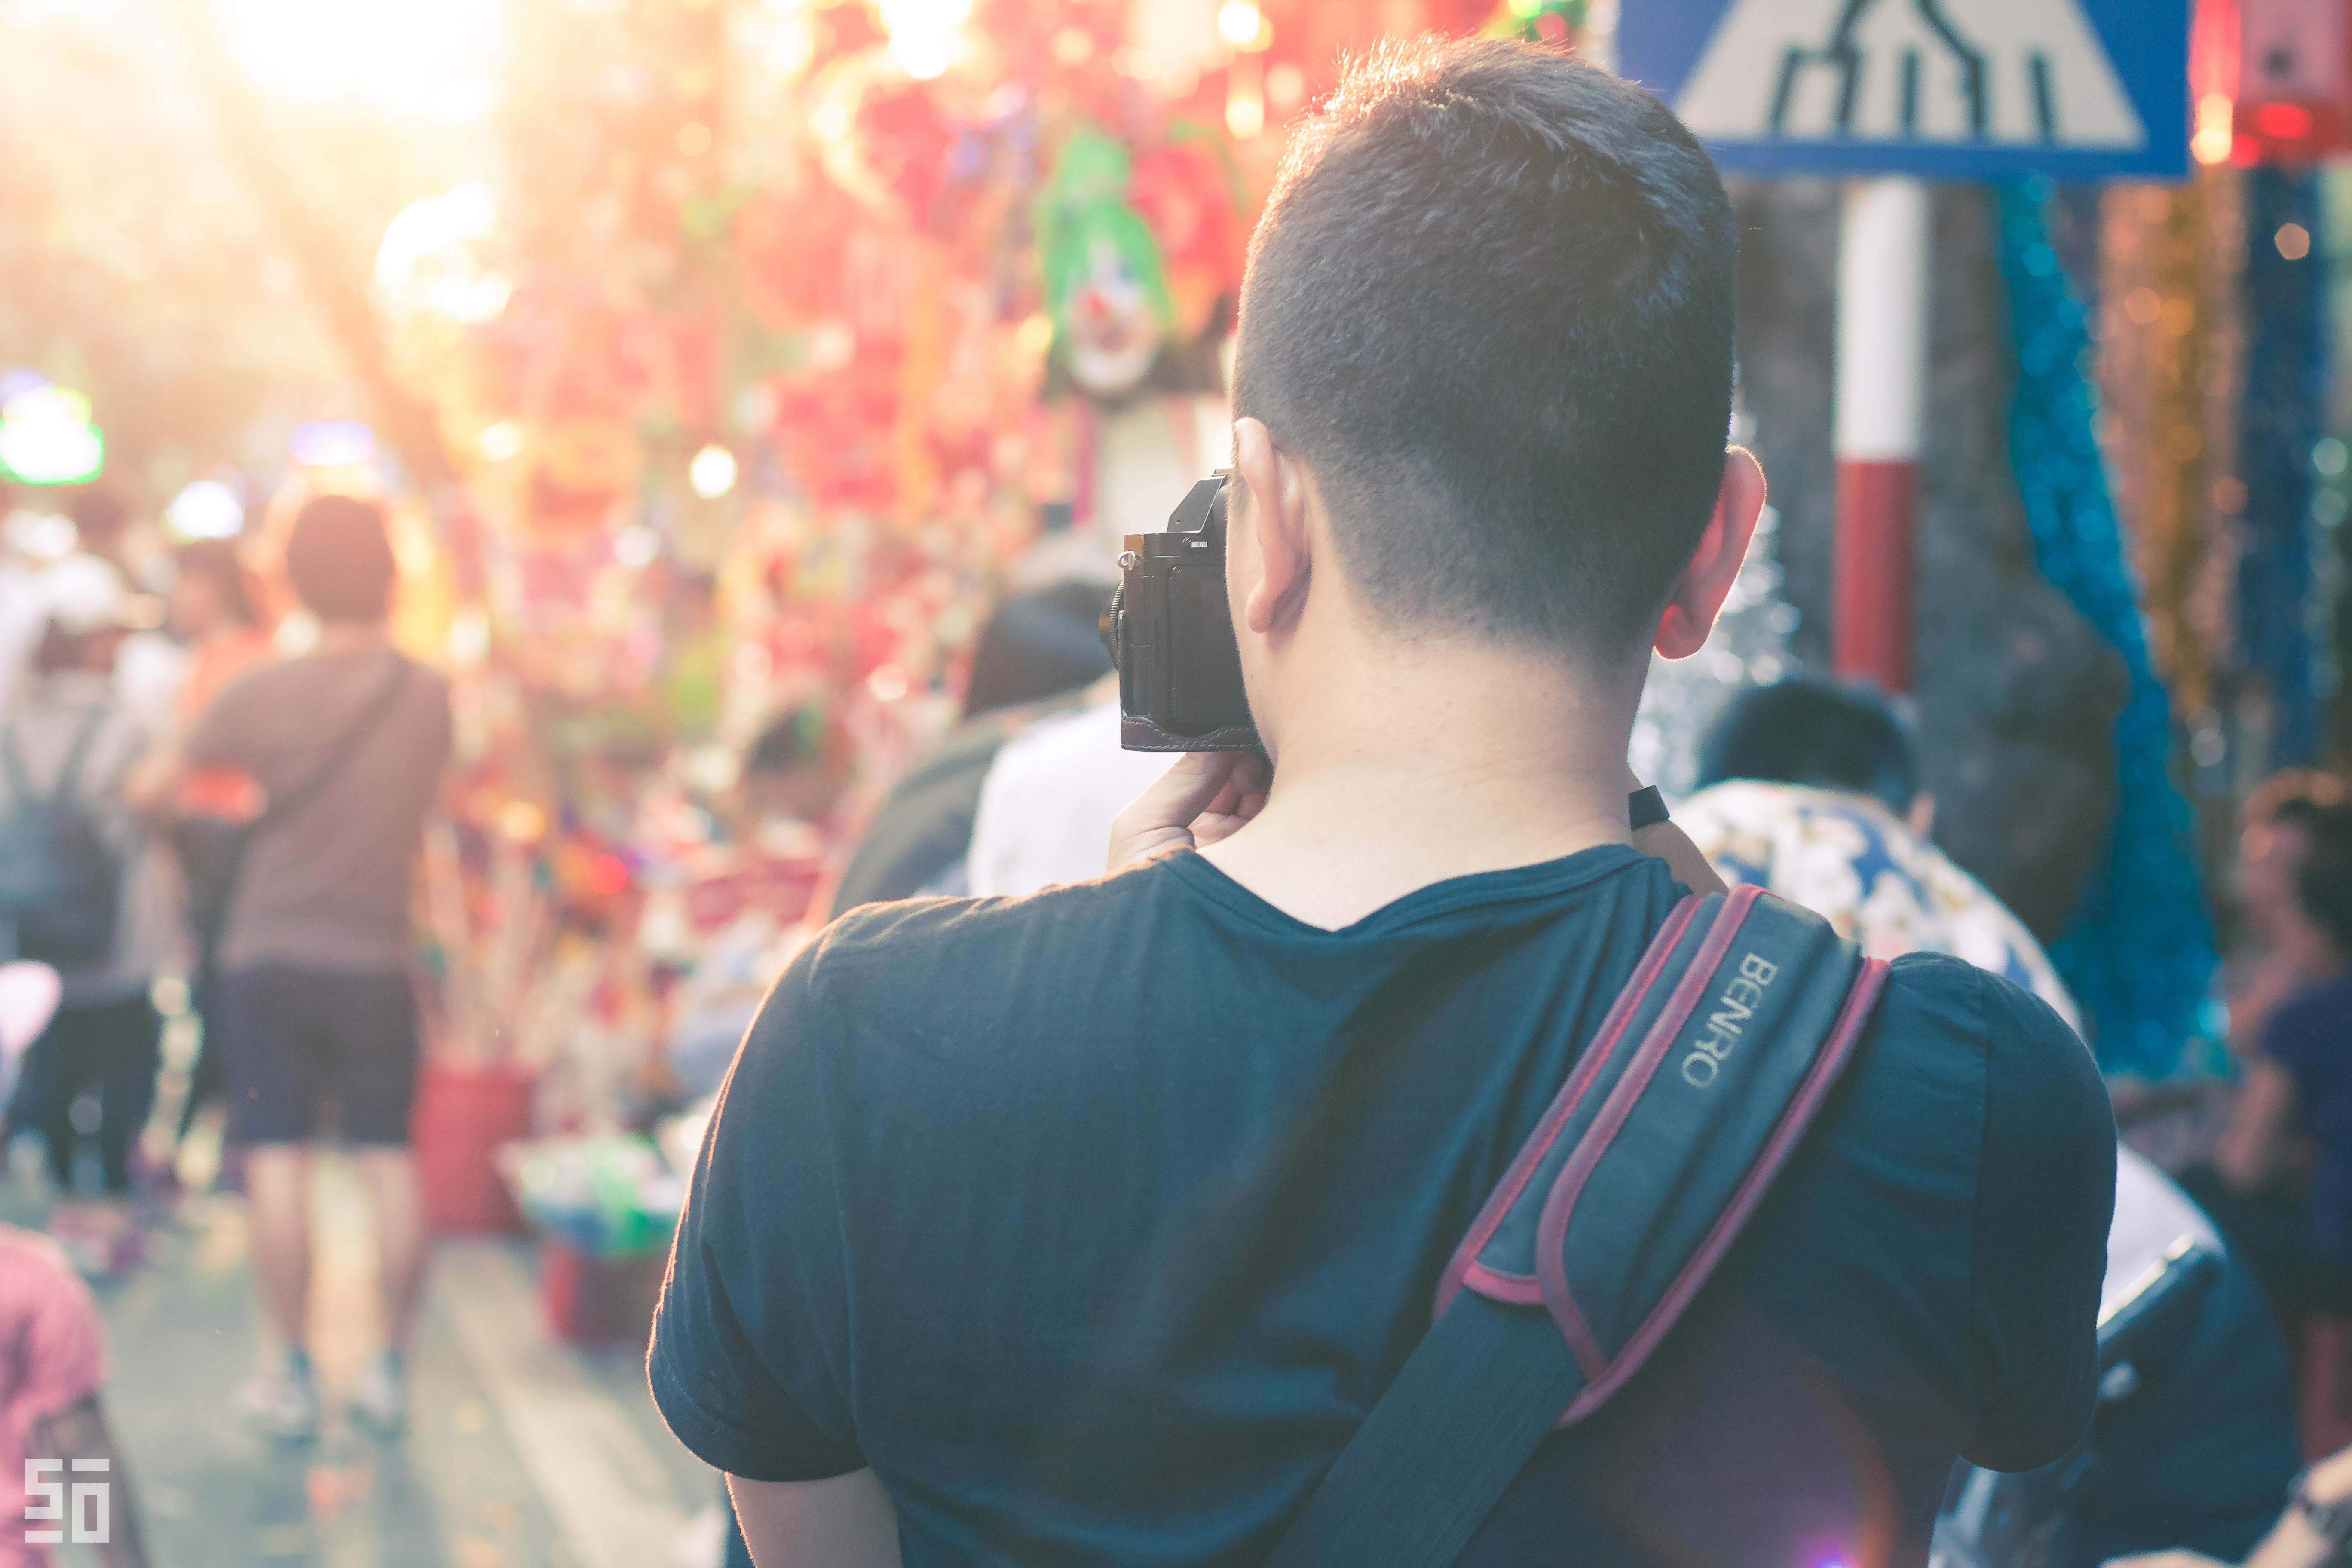 Bố cục cơ bản trong nhiếp ảnh - Quy tắc một phần ba (1/3)